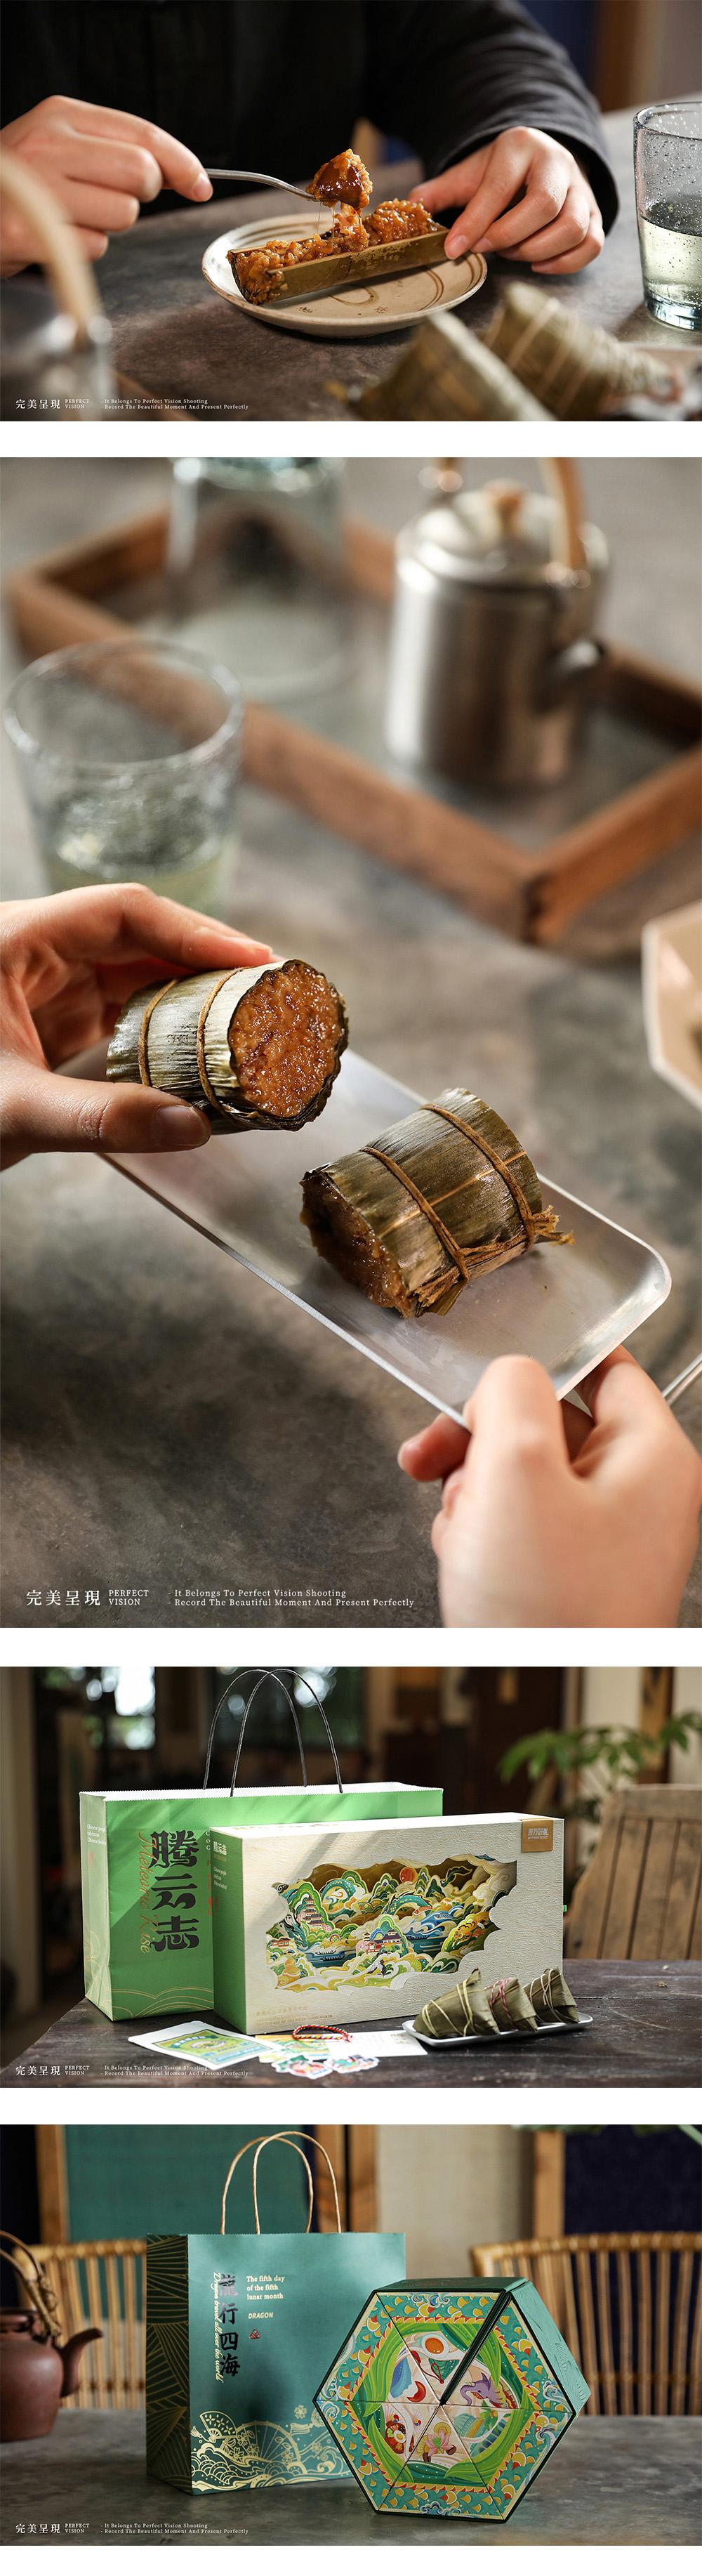 端午 · 粽子 · 礼盒 · 香囊